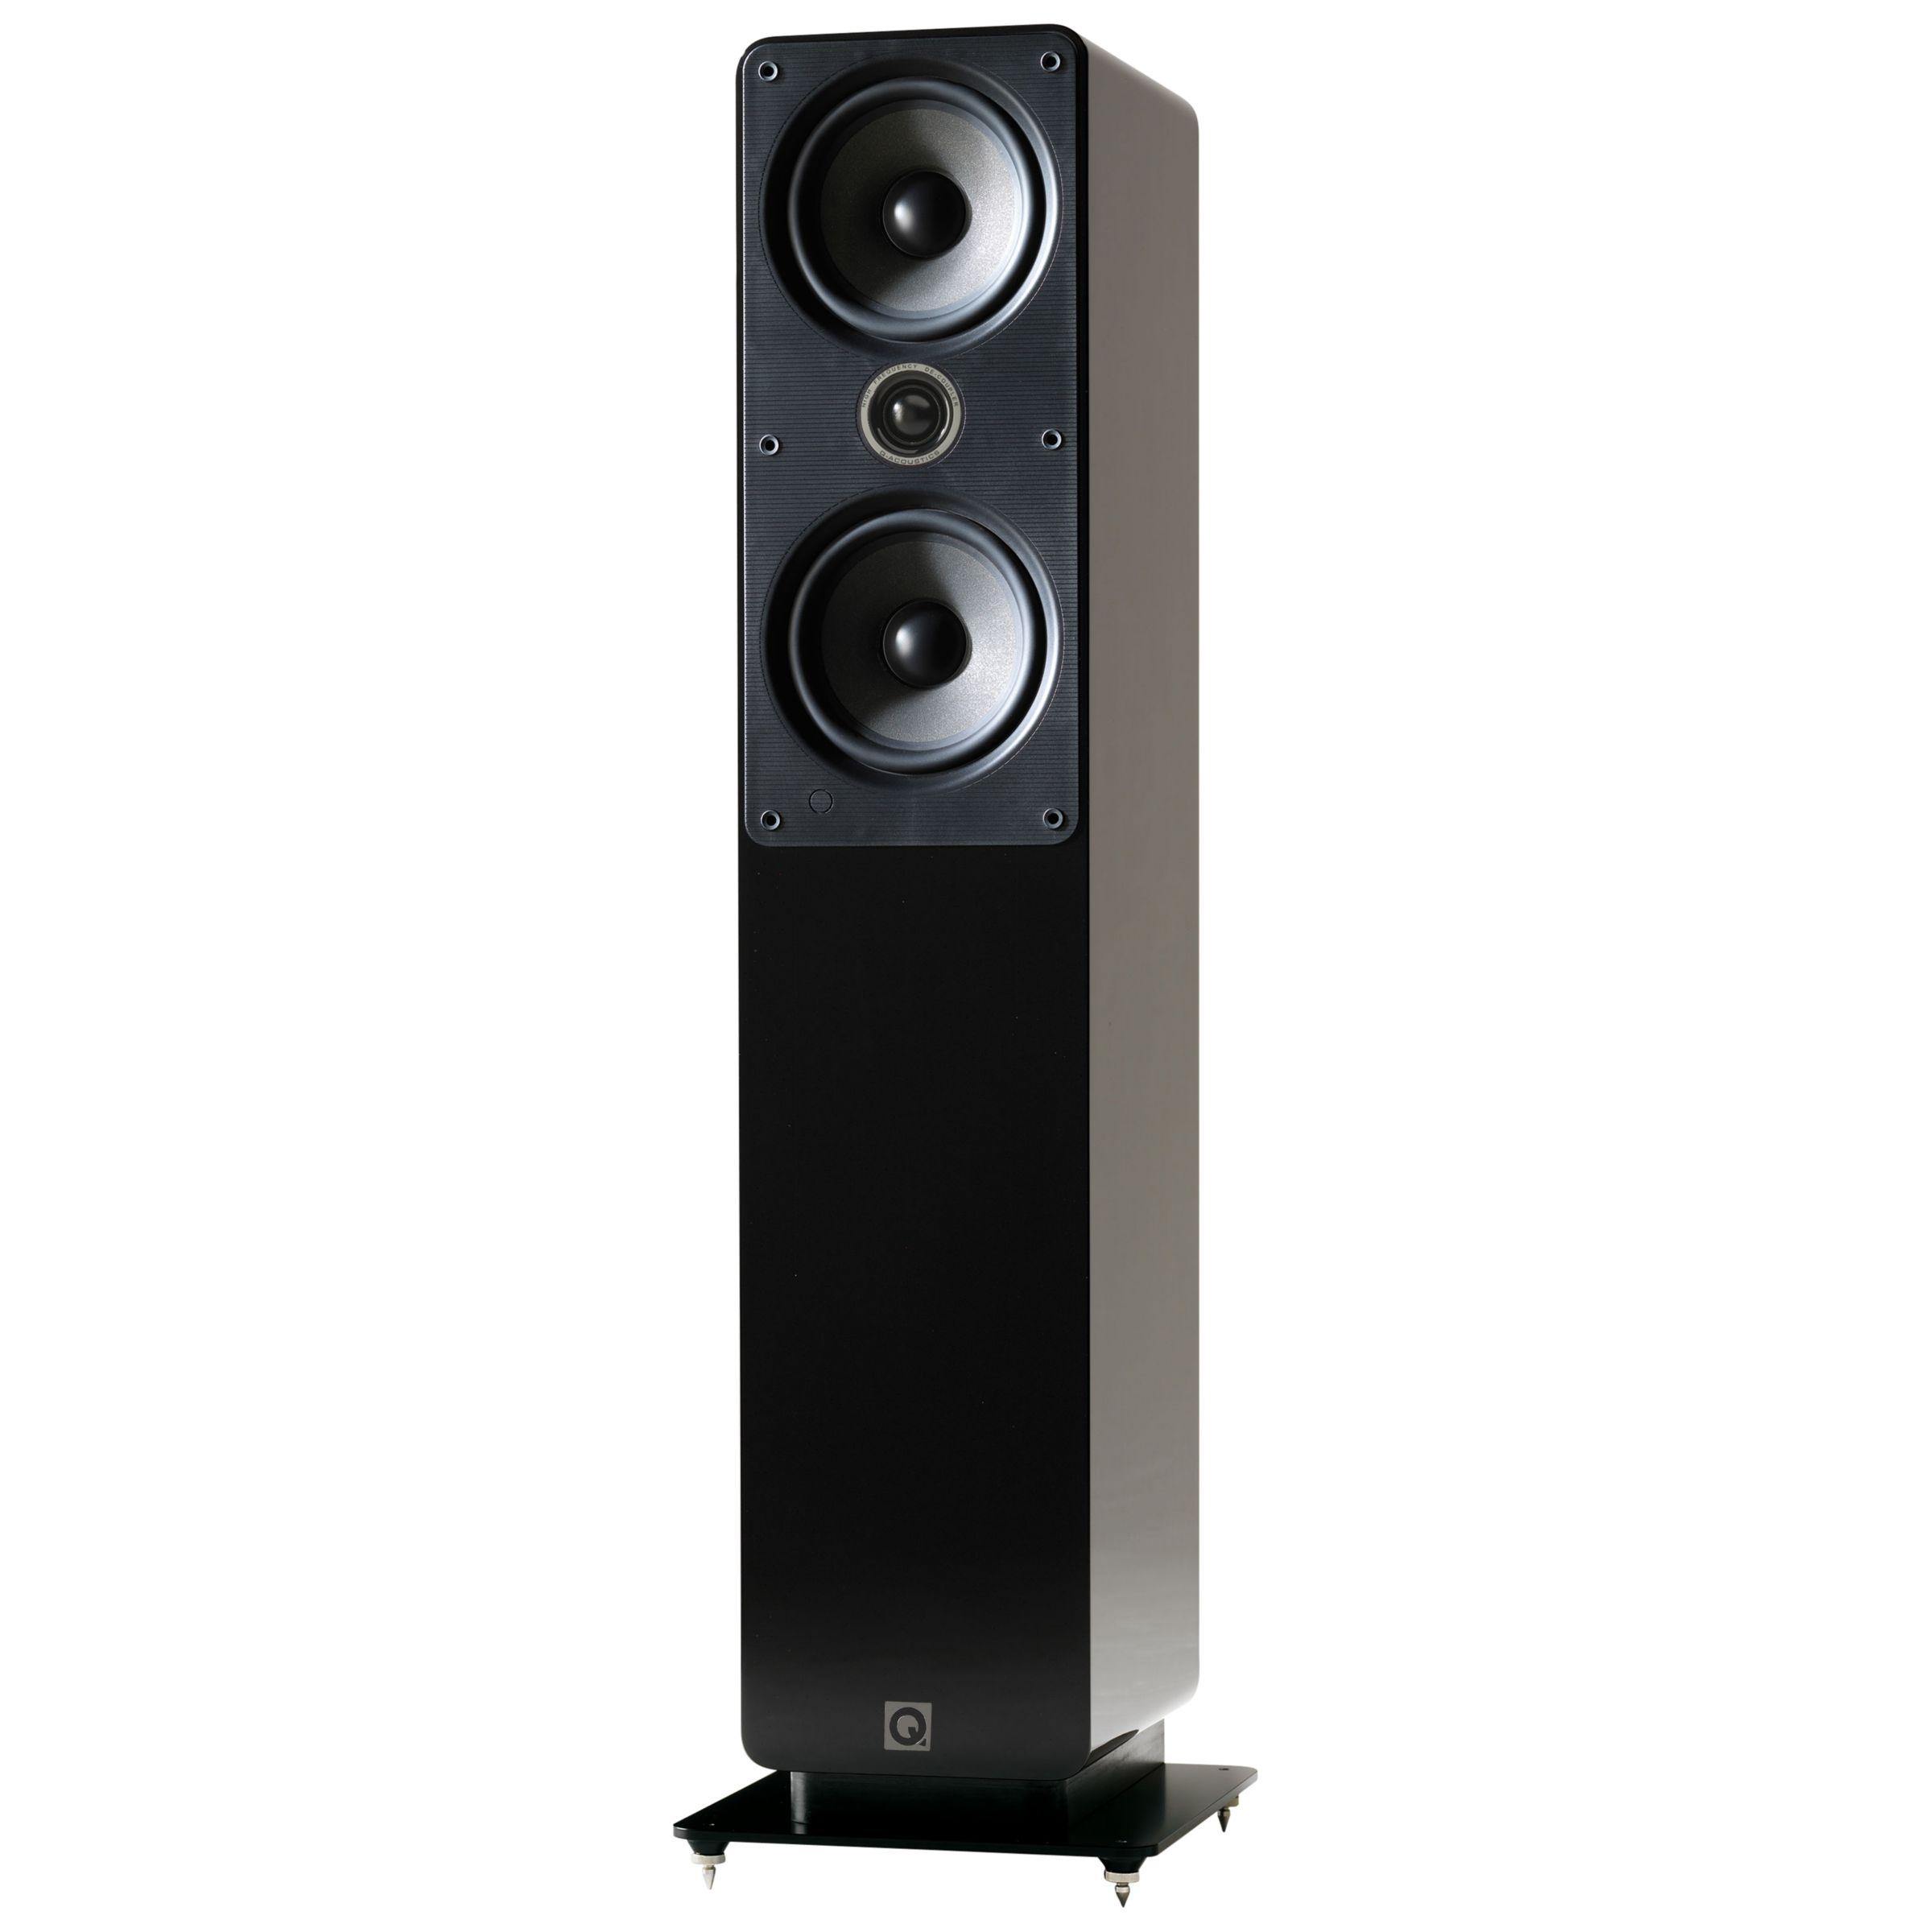 Q Acoustics Q Acoustics 2050i Floorstanding Speakers